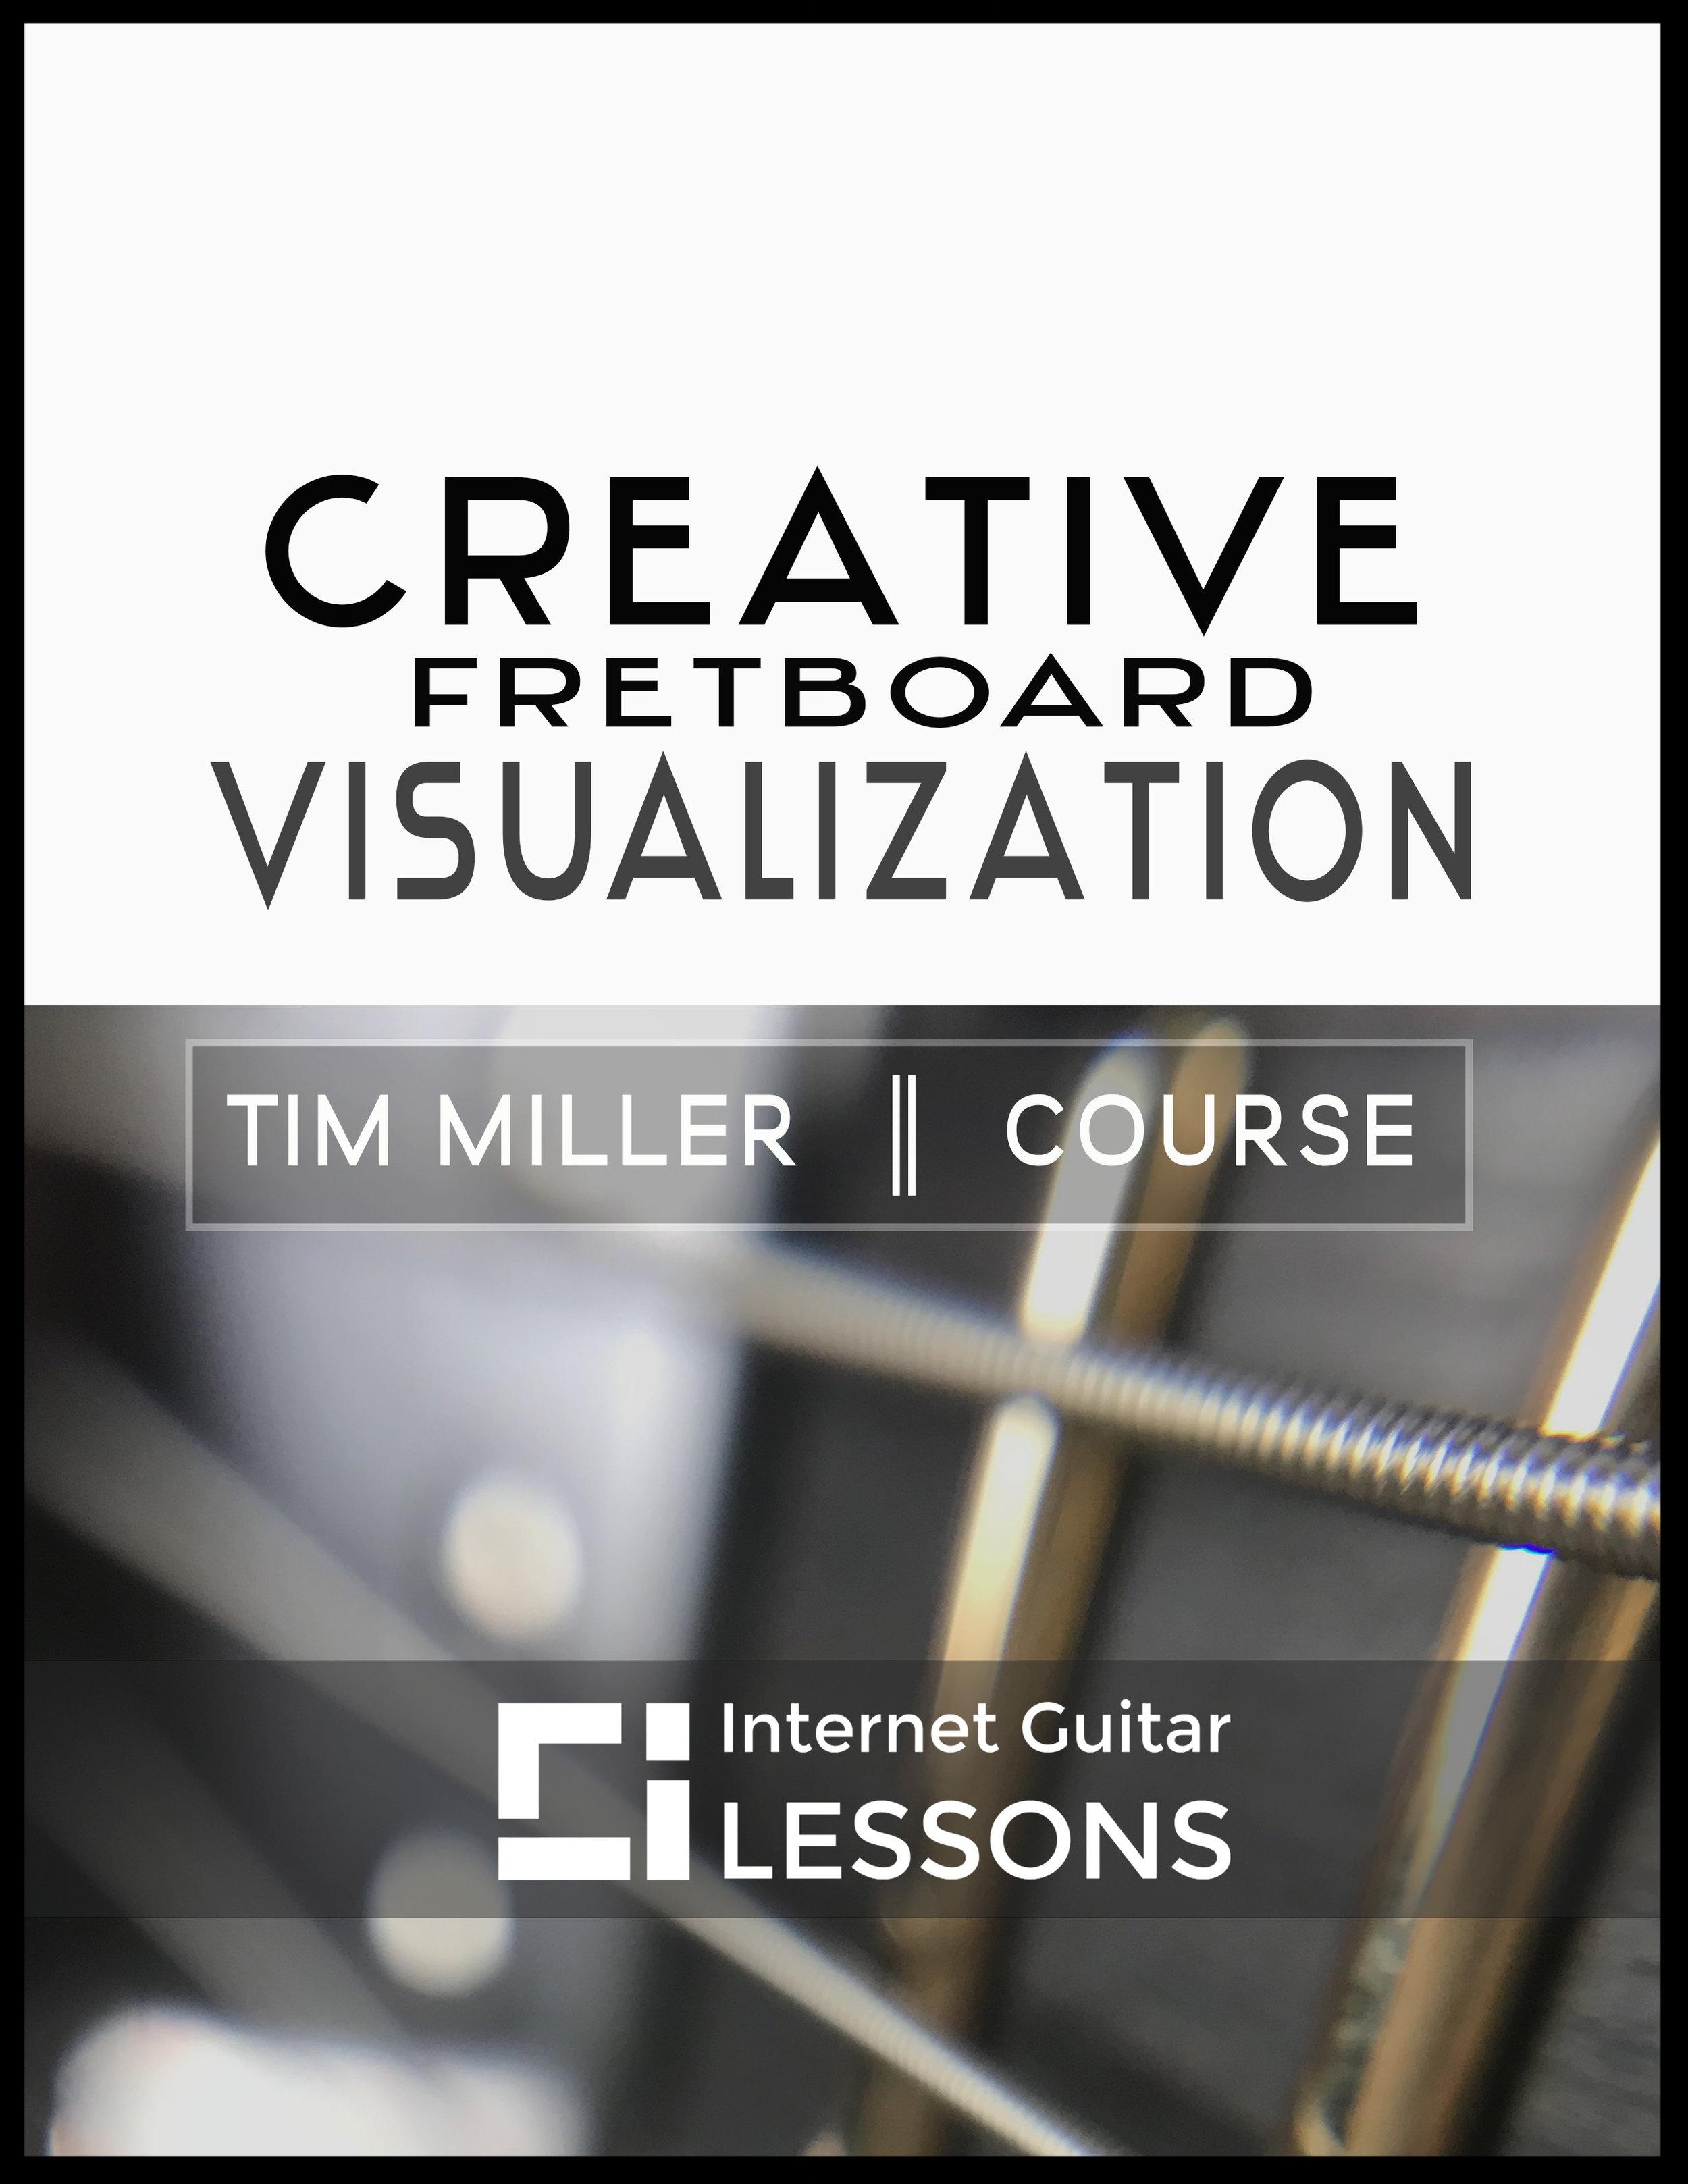 Creative Fretboard Visualization 5.18.jpg